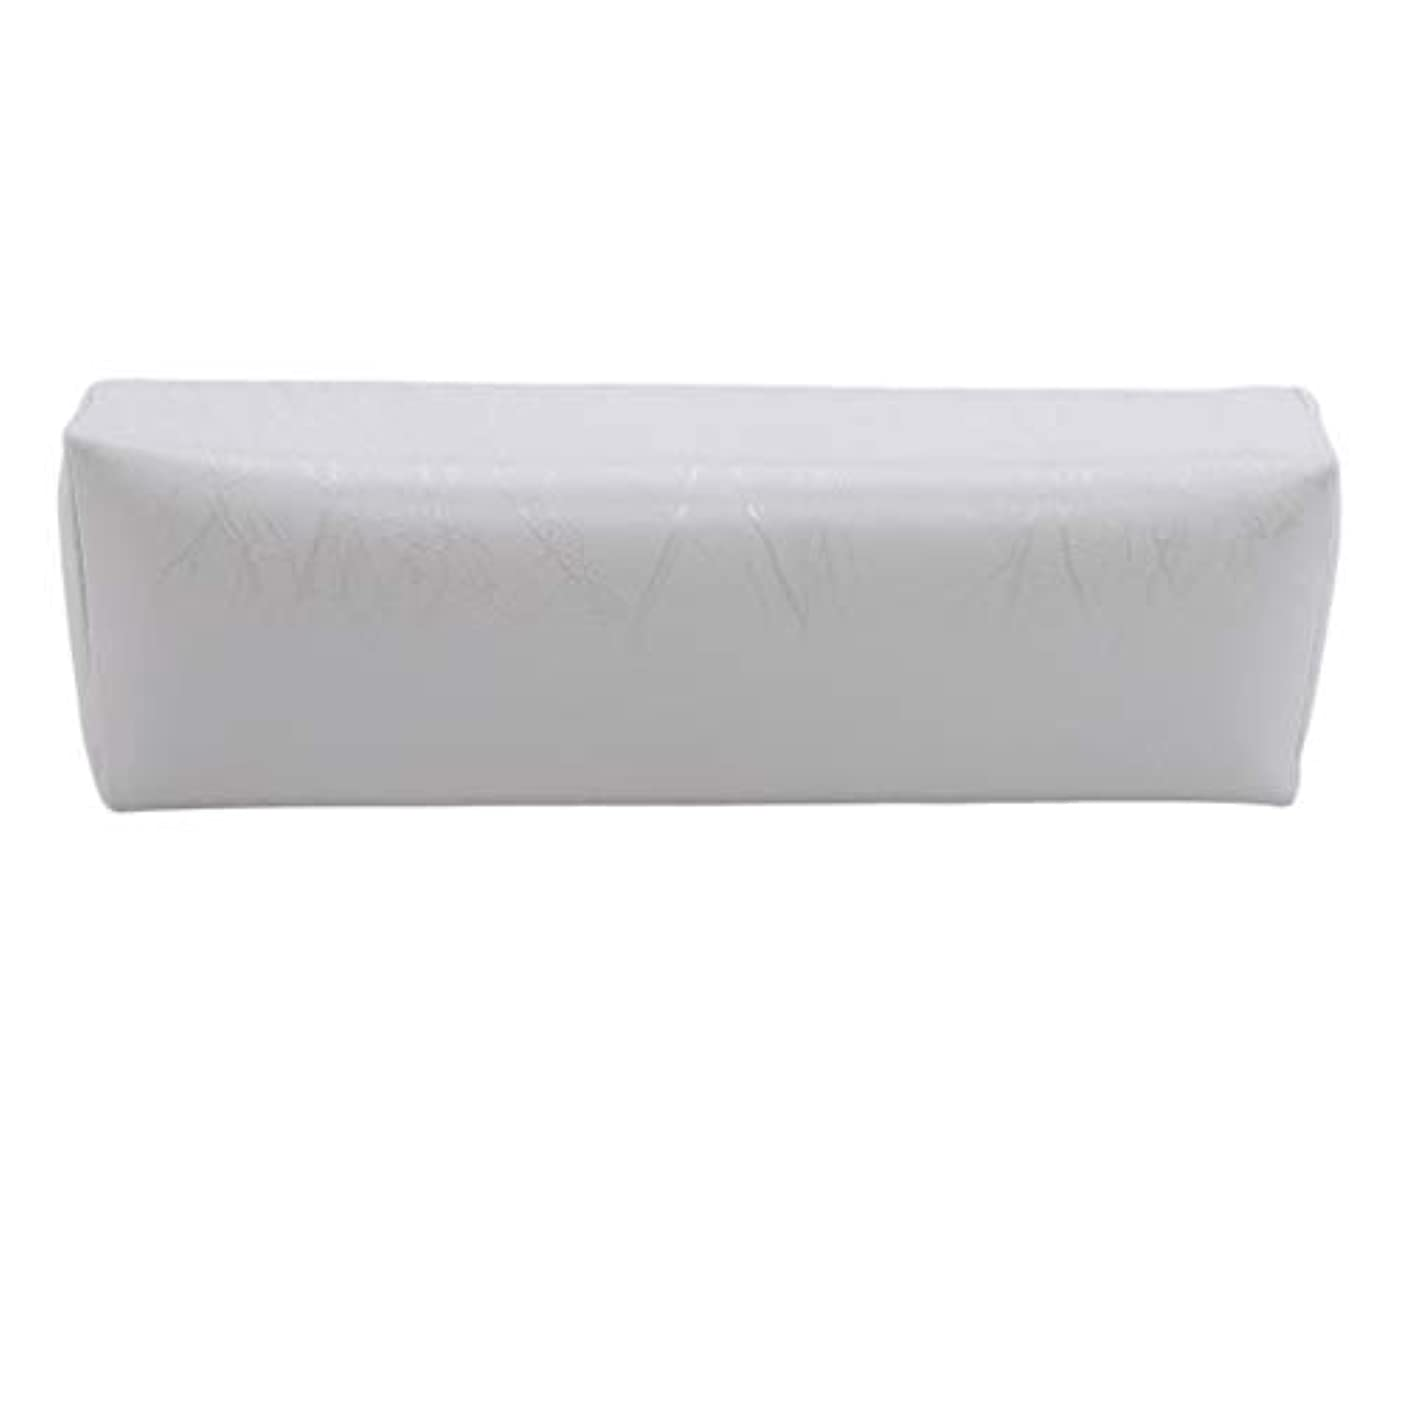 原稿シートバーHKUN プロのネイルアートツール ケアツール 洗える 手枕クッション ネイルアートホルダー ソフトアームレスト用 ネイルケア用 マニキュアネイル用品 白色